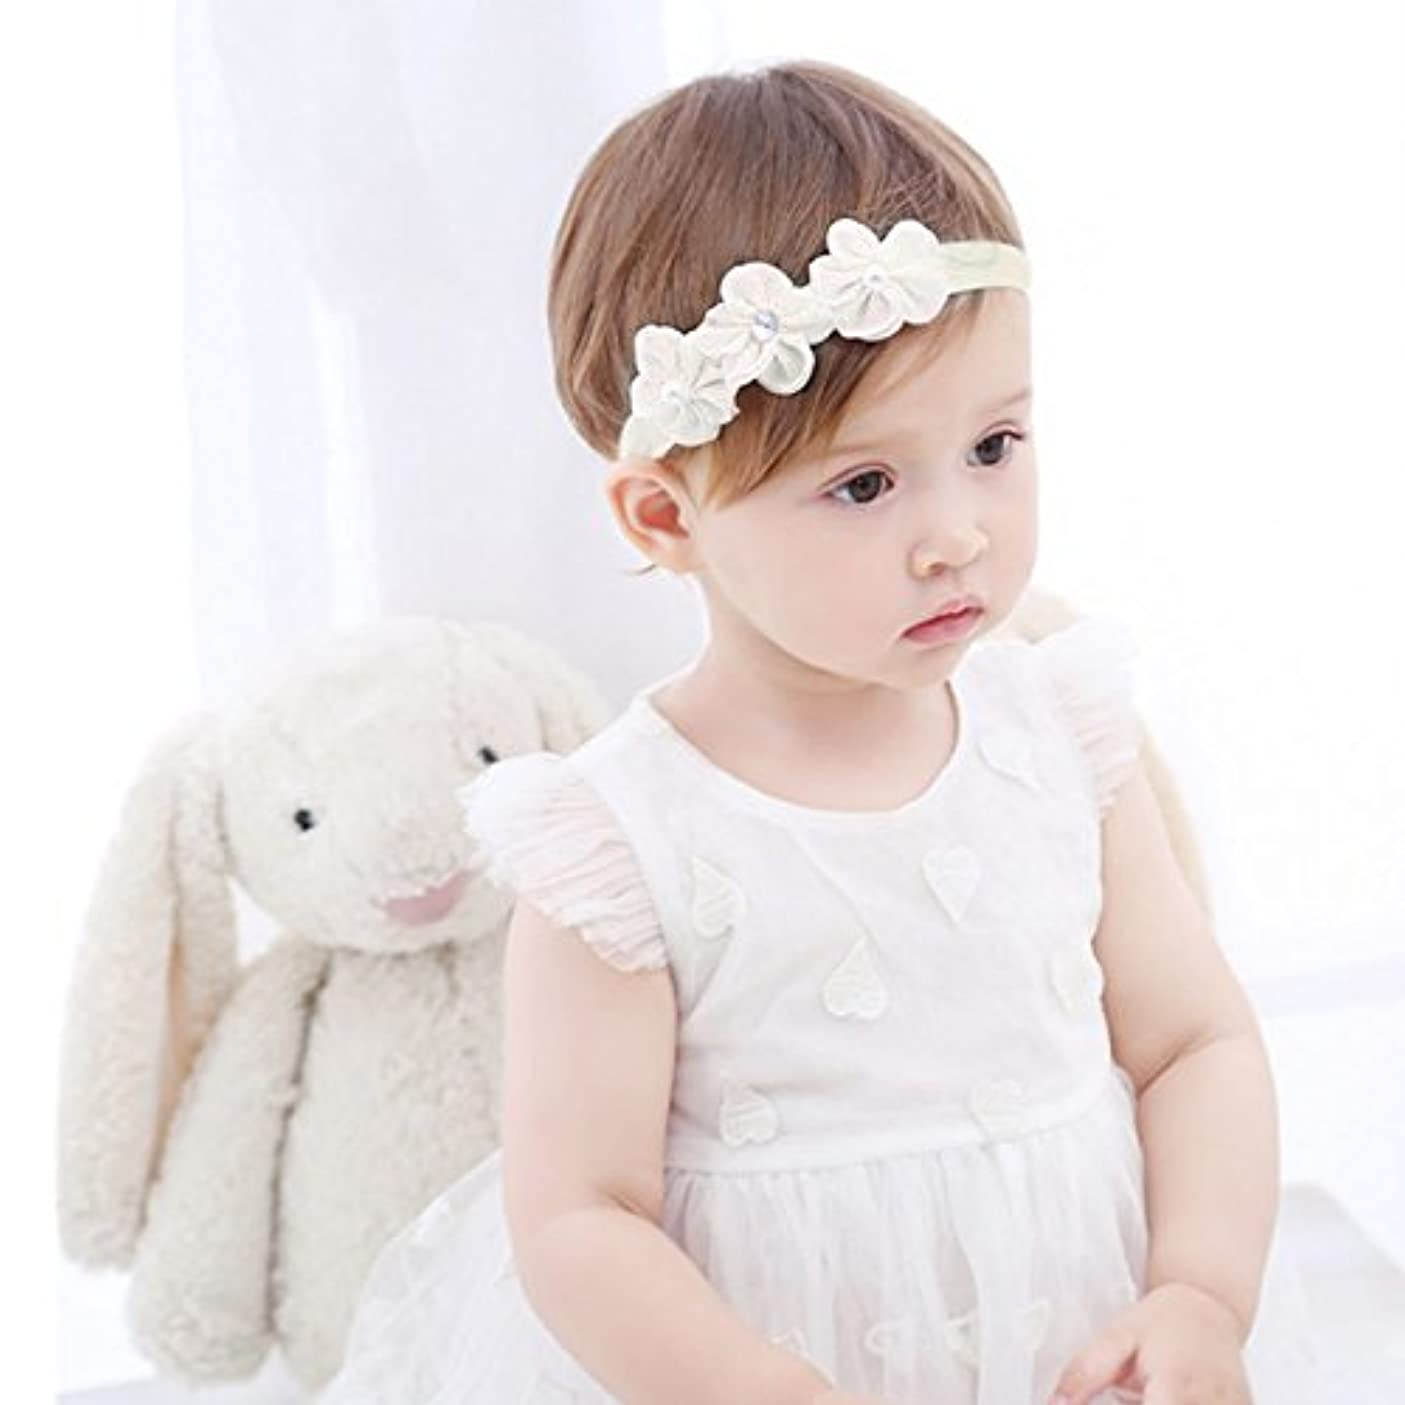 ハプニングベーカリー外部Refaxi 子供の赤ちゃんかわいい幼児のレースの花のヘアバンドヘッドウェアヘッドバンドアクセサリー